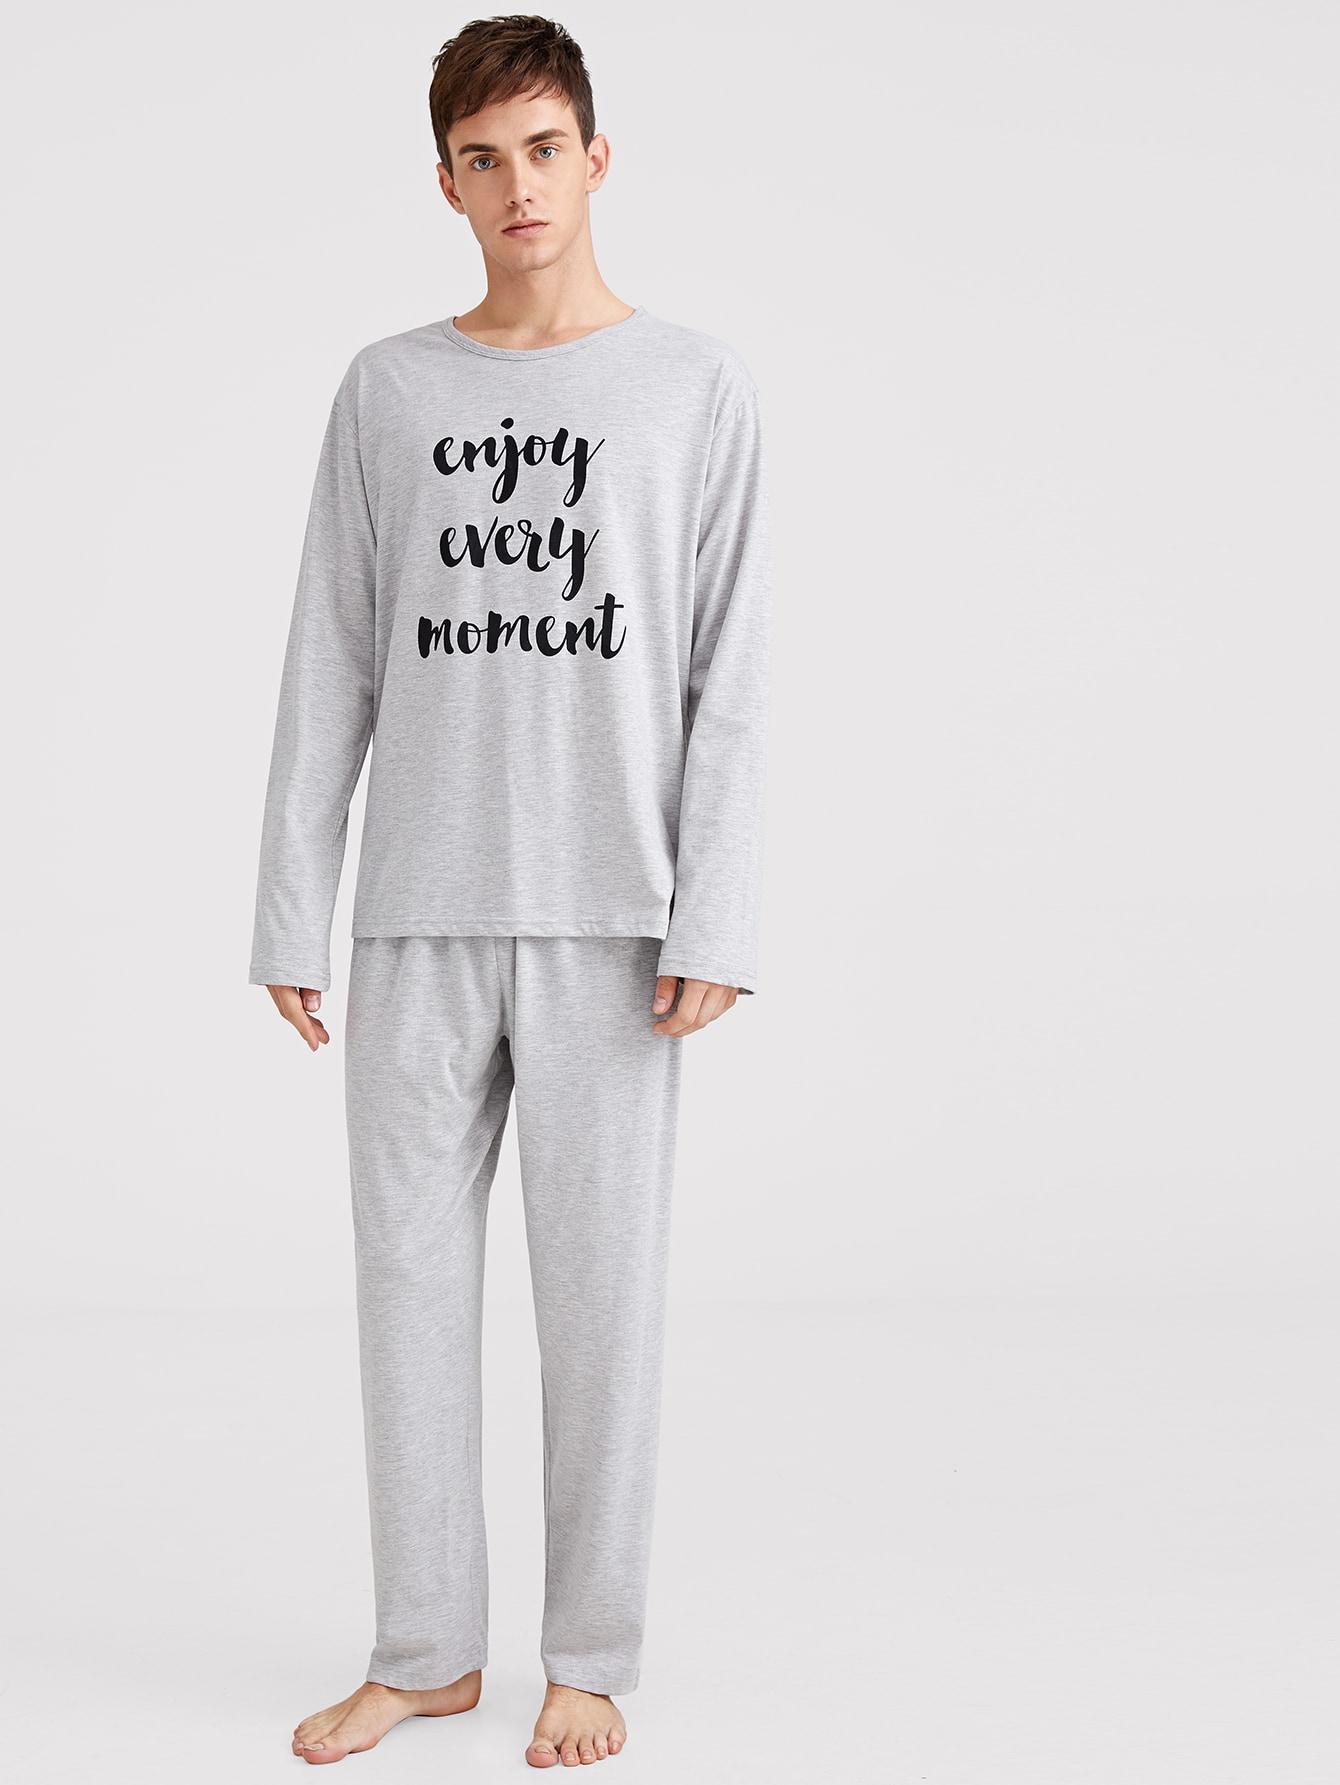 Купить Мужская пижама комплект с текстовым принтом, Valerian, SheIn